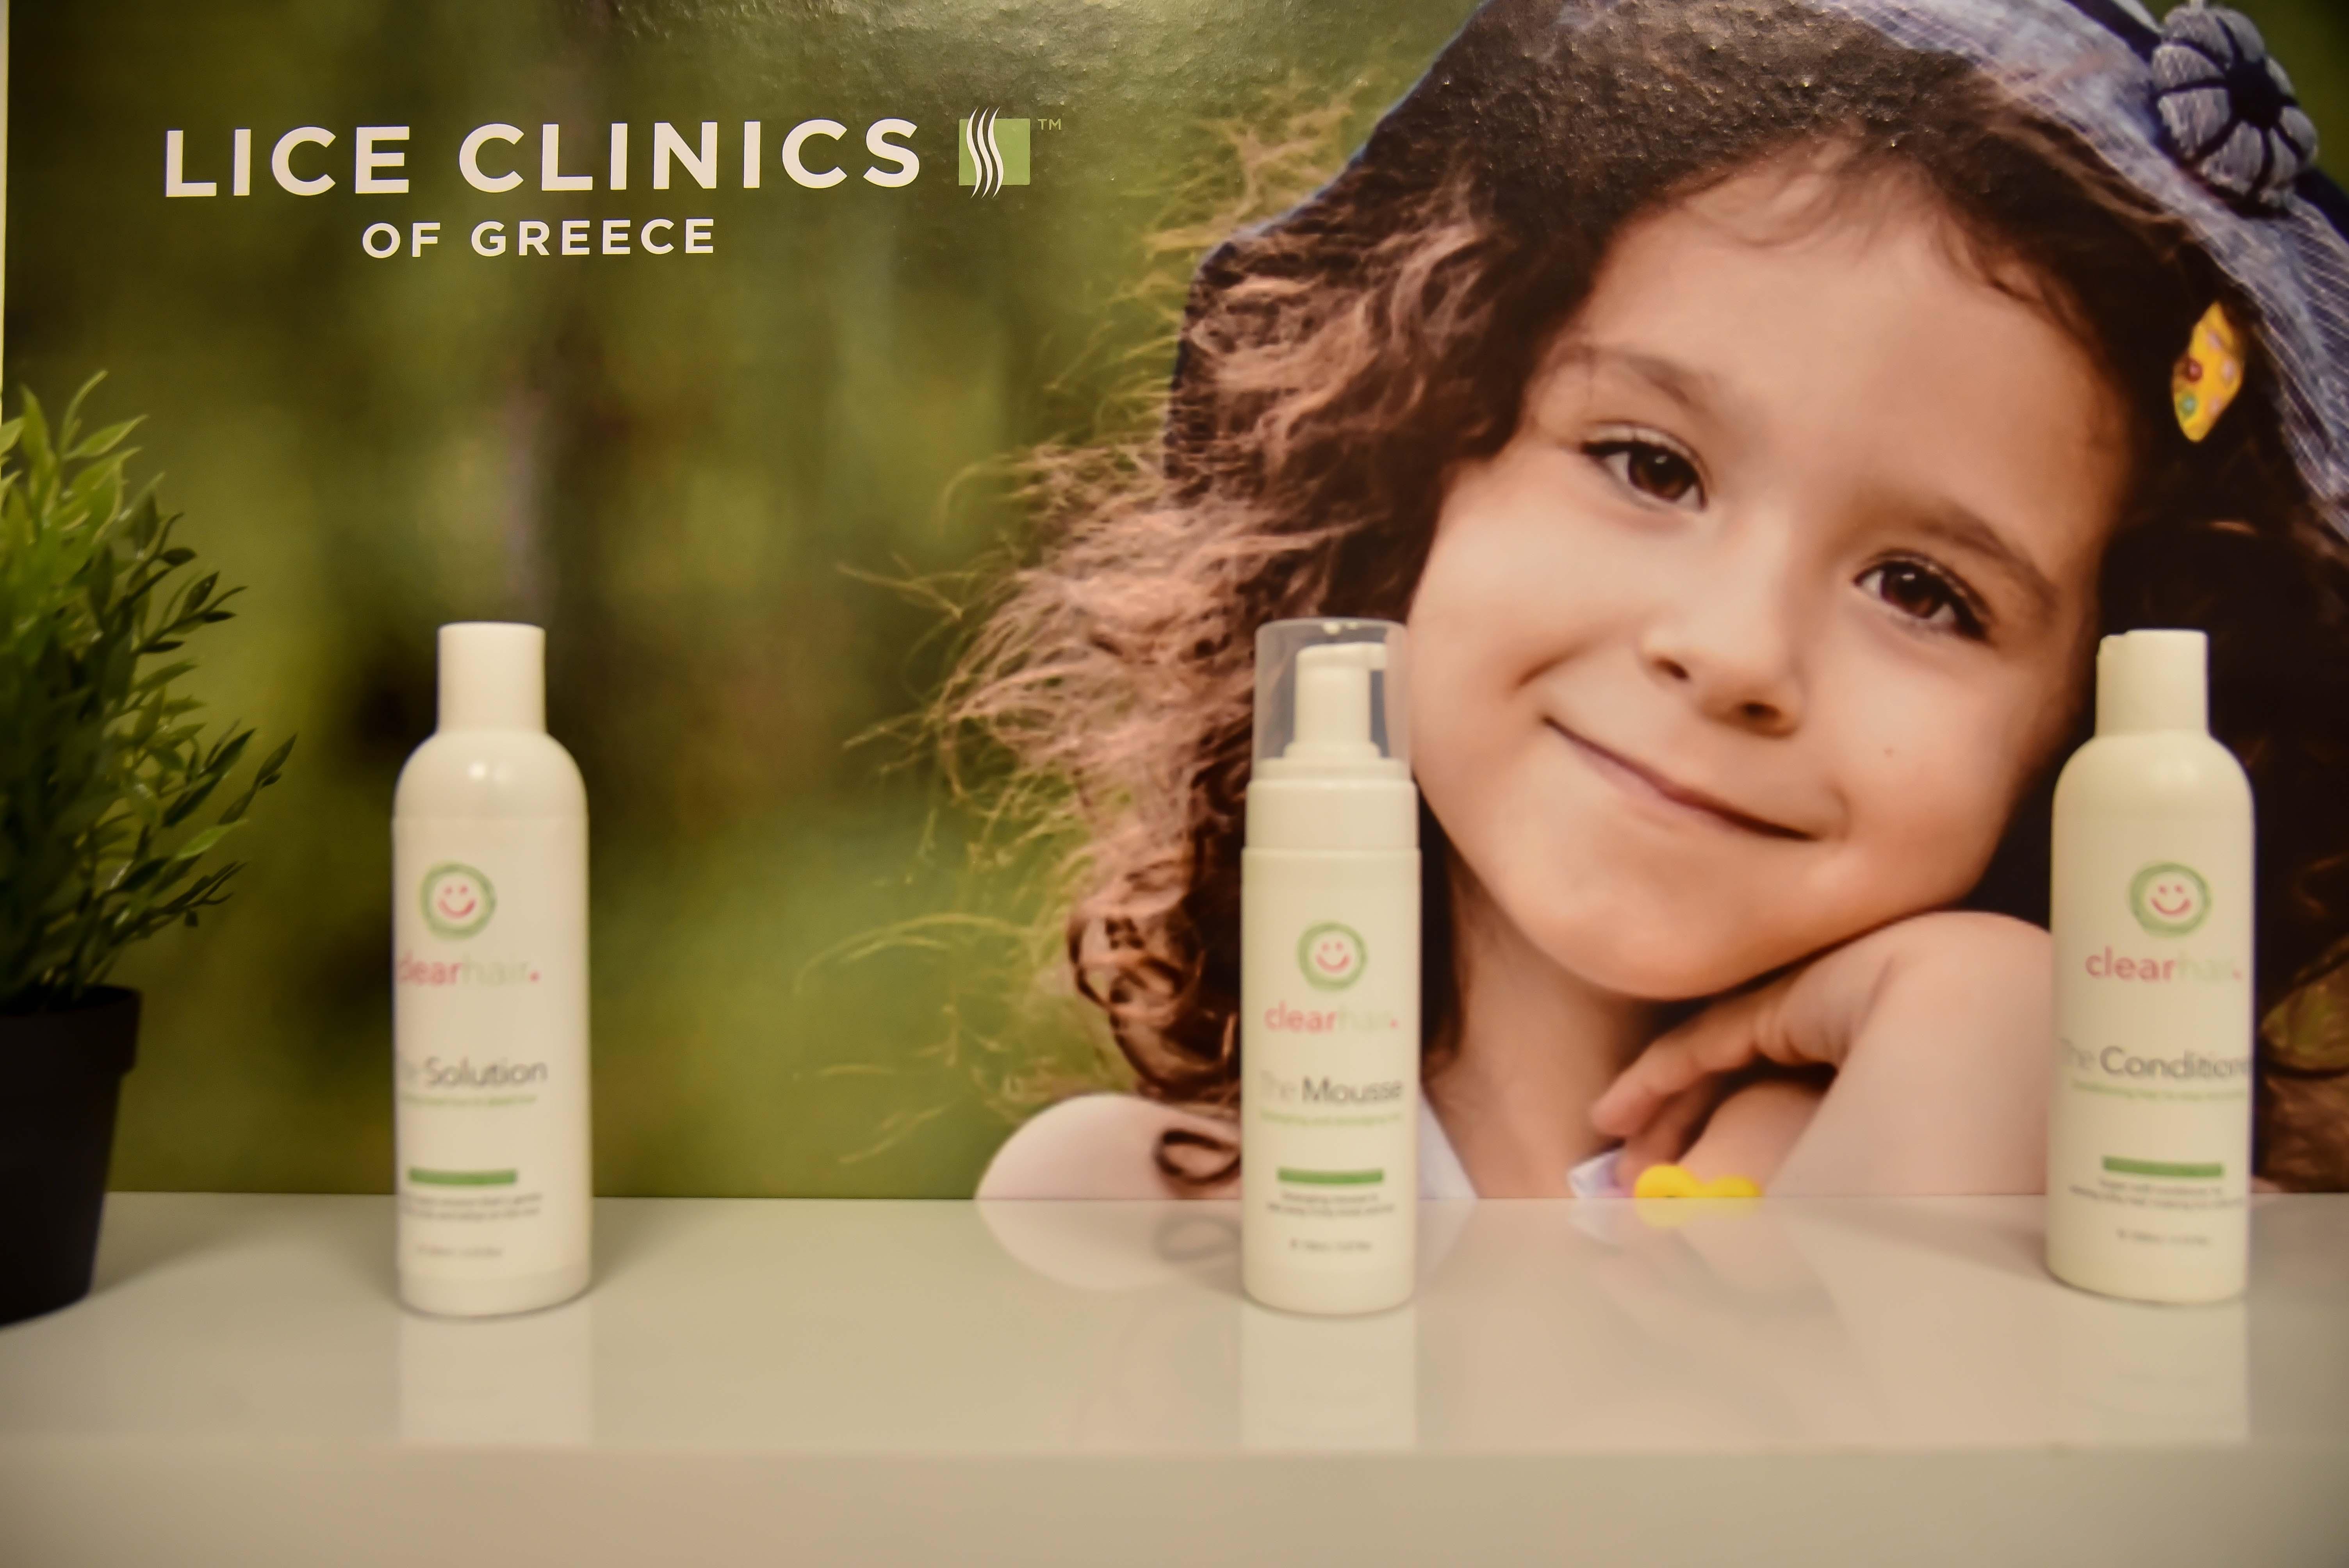 LAZ 1125 - Lice Clinics: Όλες οι Λαρισαίες μαμάδες θα το λατρέψουν!